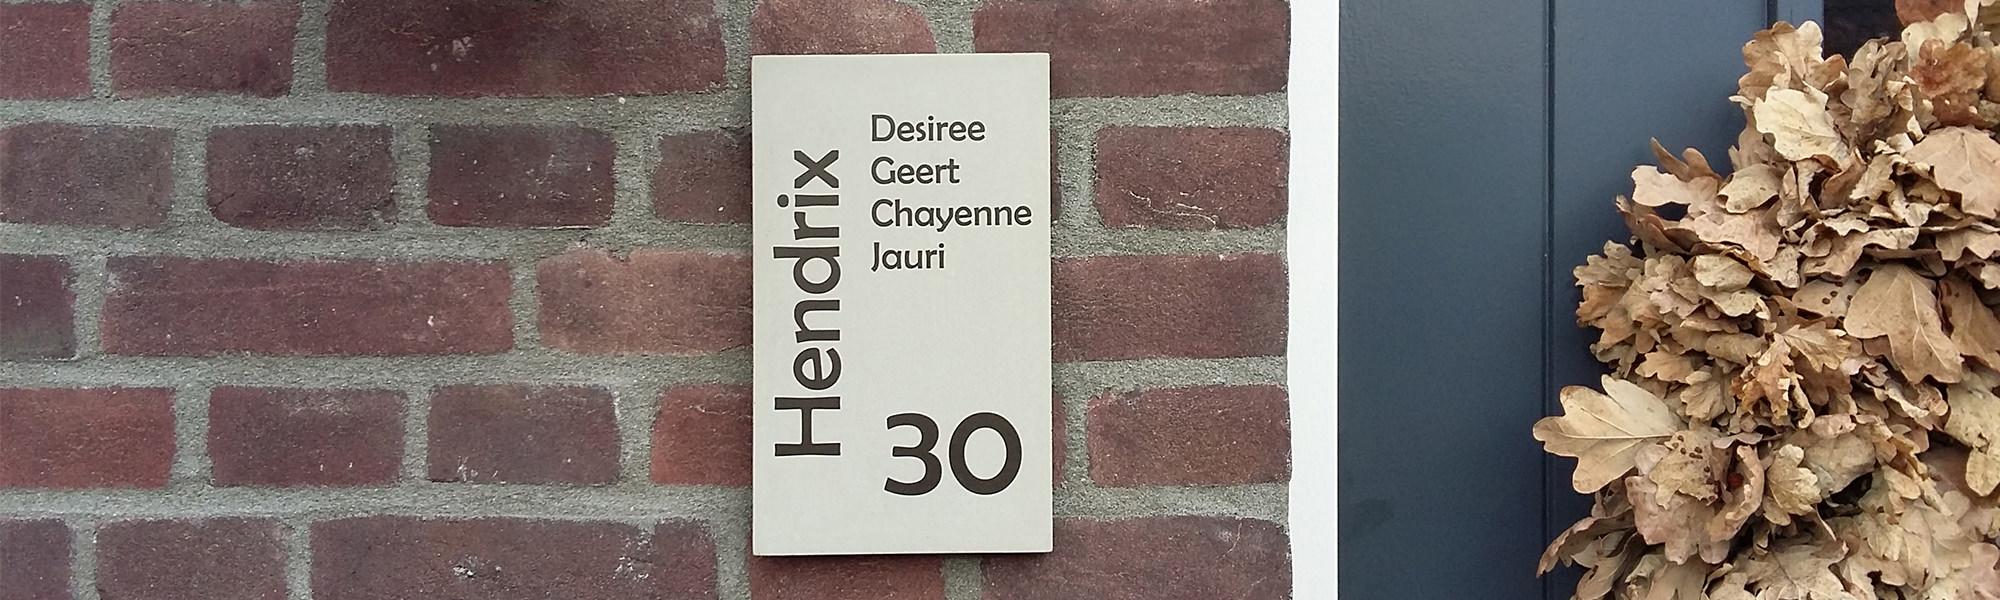 hendrix-betondesign_huisnummerplaat